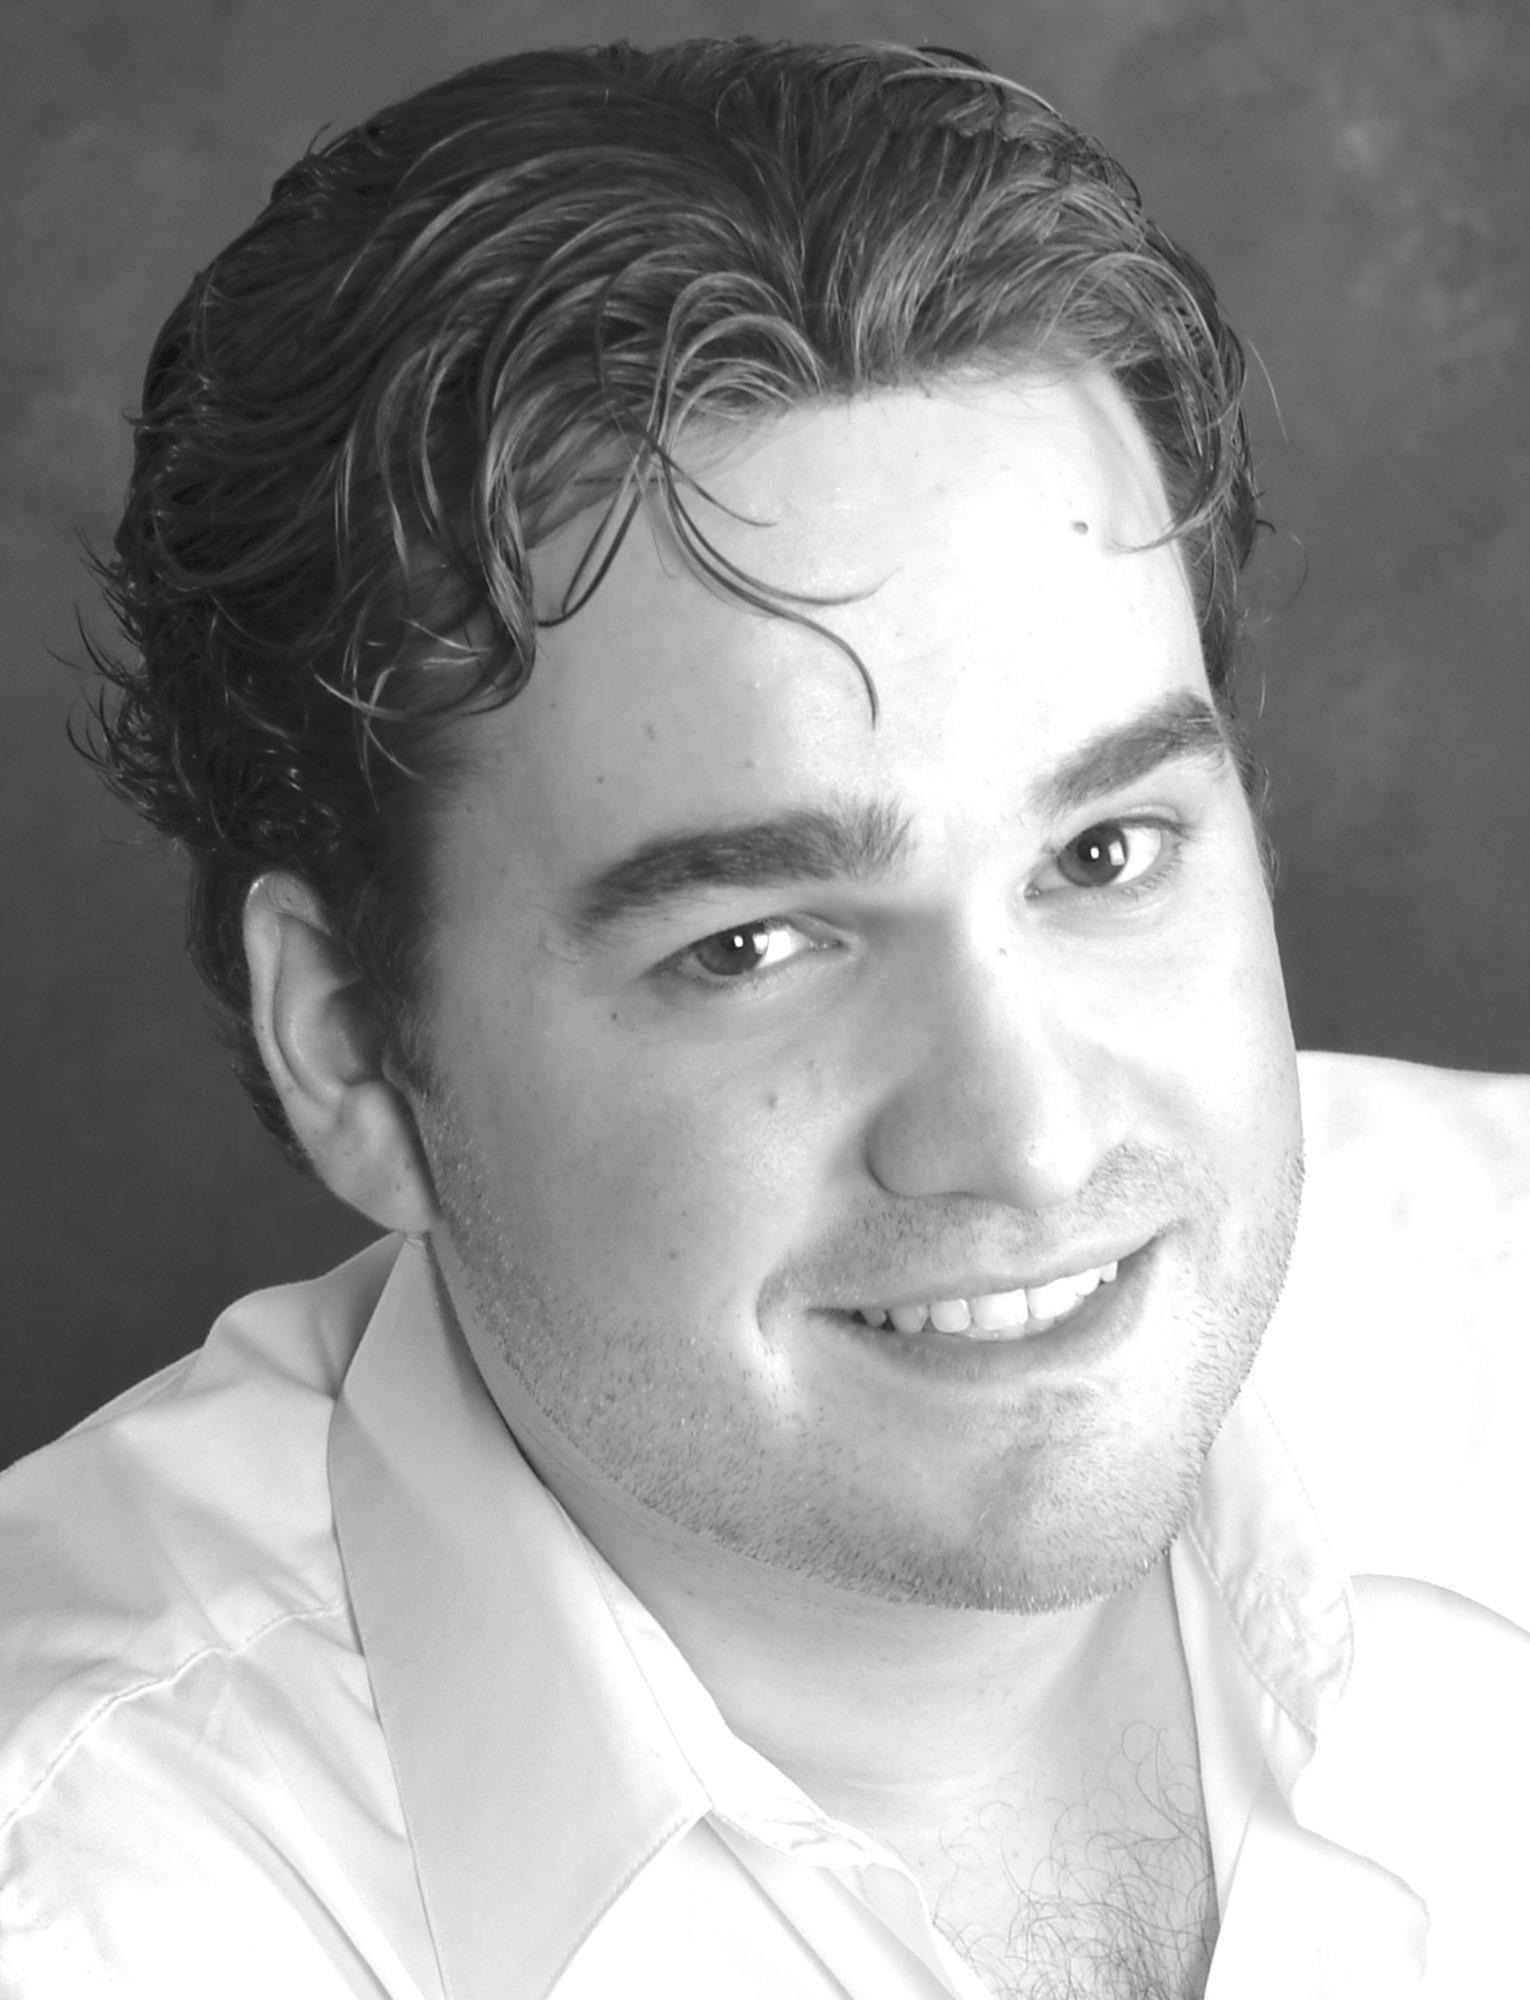 Cory Moosman